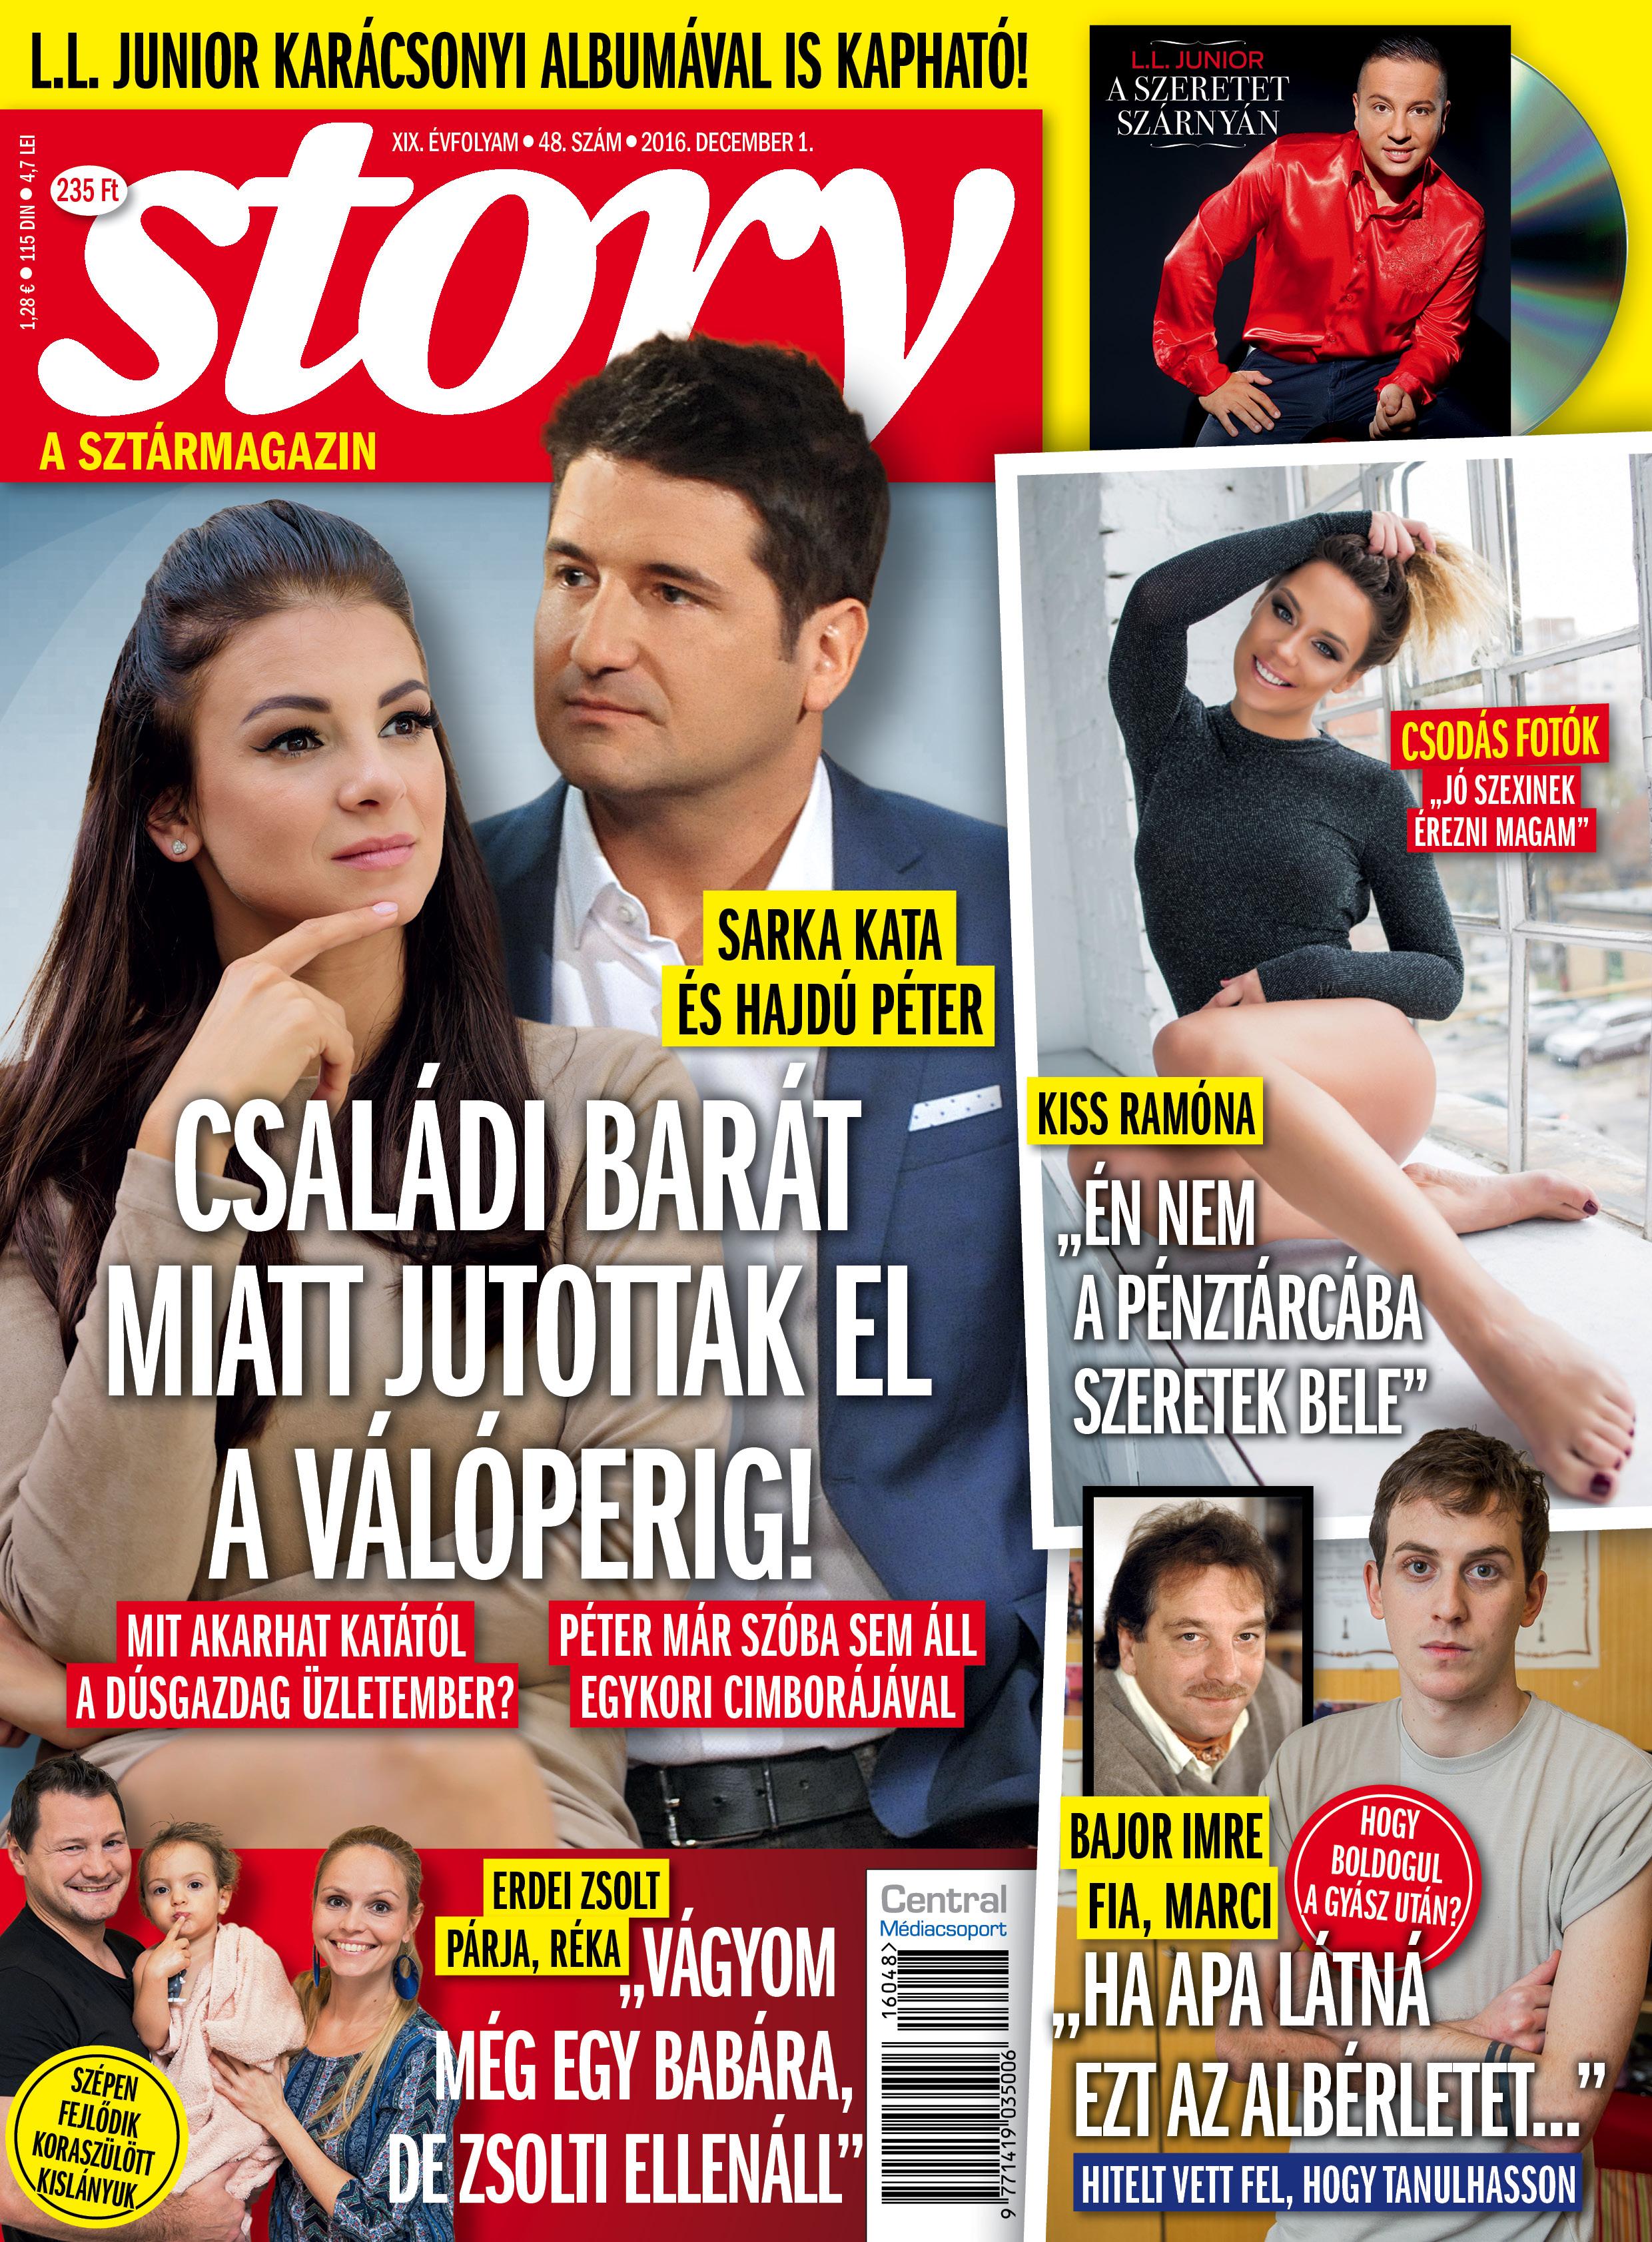 Kiss Ramóna képei: talán túl szexire sikerültek